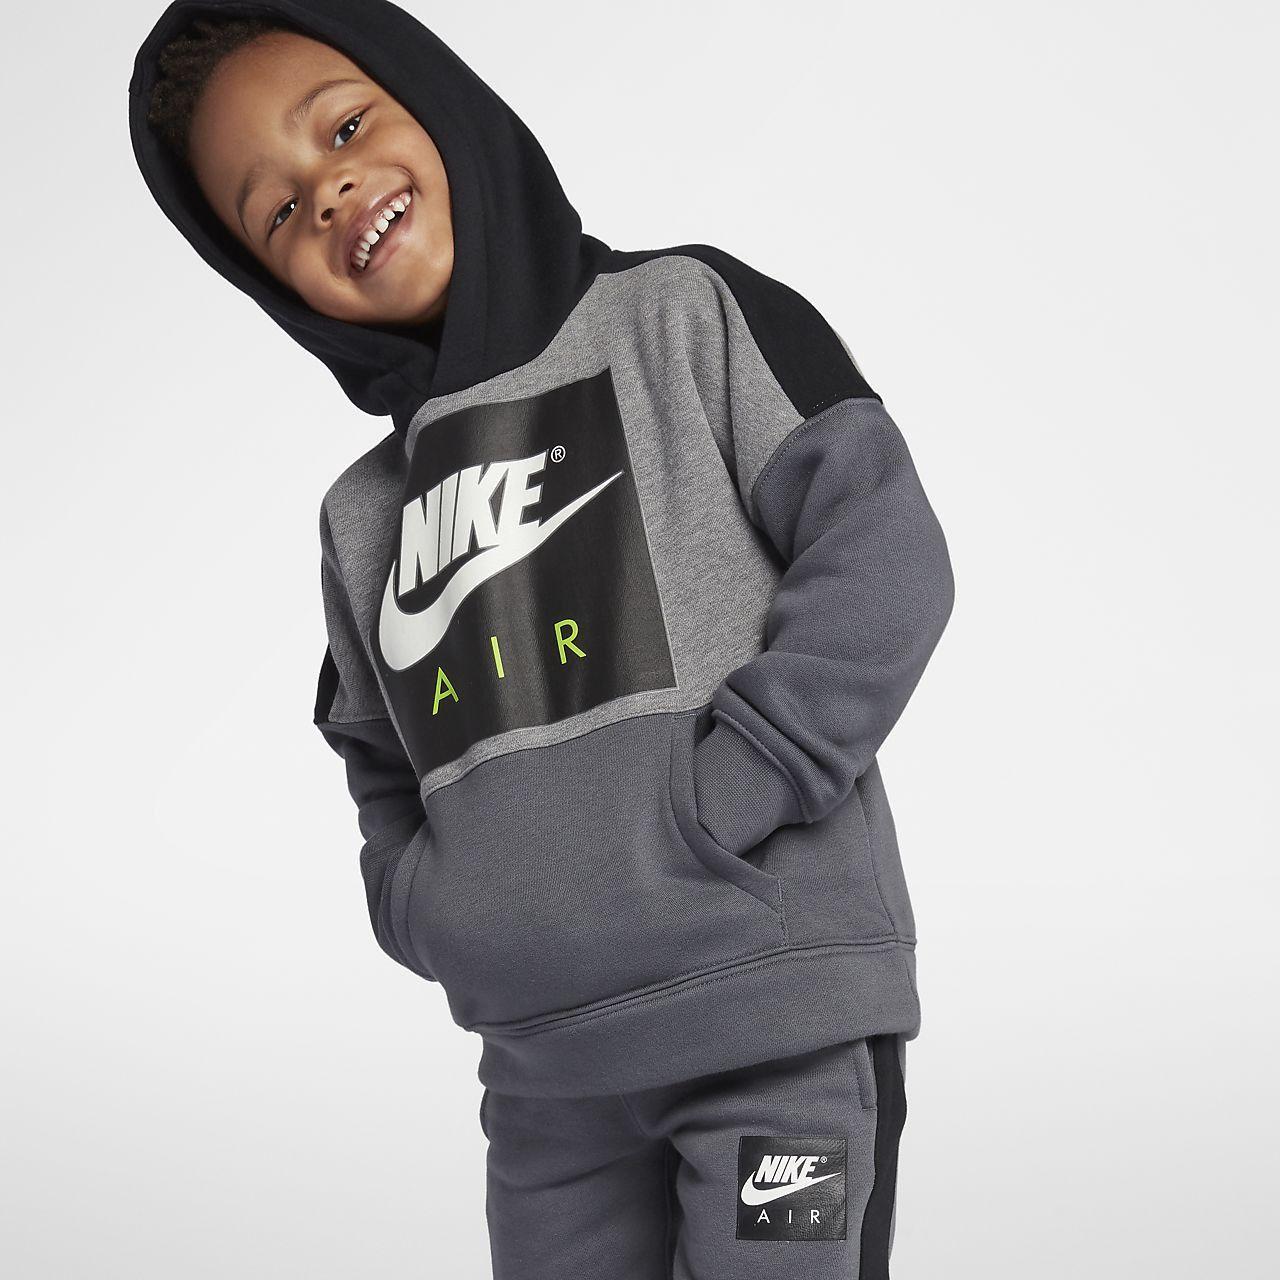 581dea0c2 Nike Air Little Kids' (Boys') Hoodie - 6 | Products | Boys hoodies ...